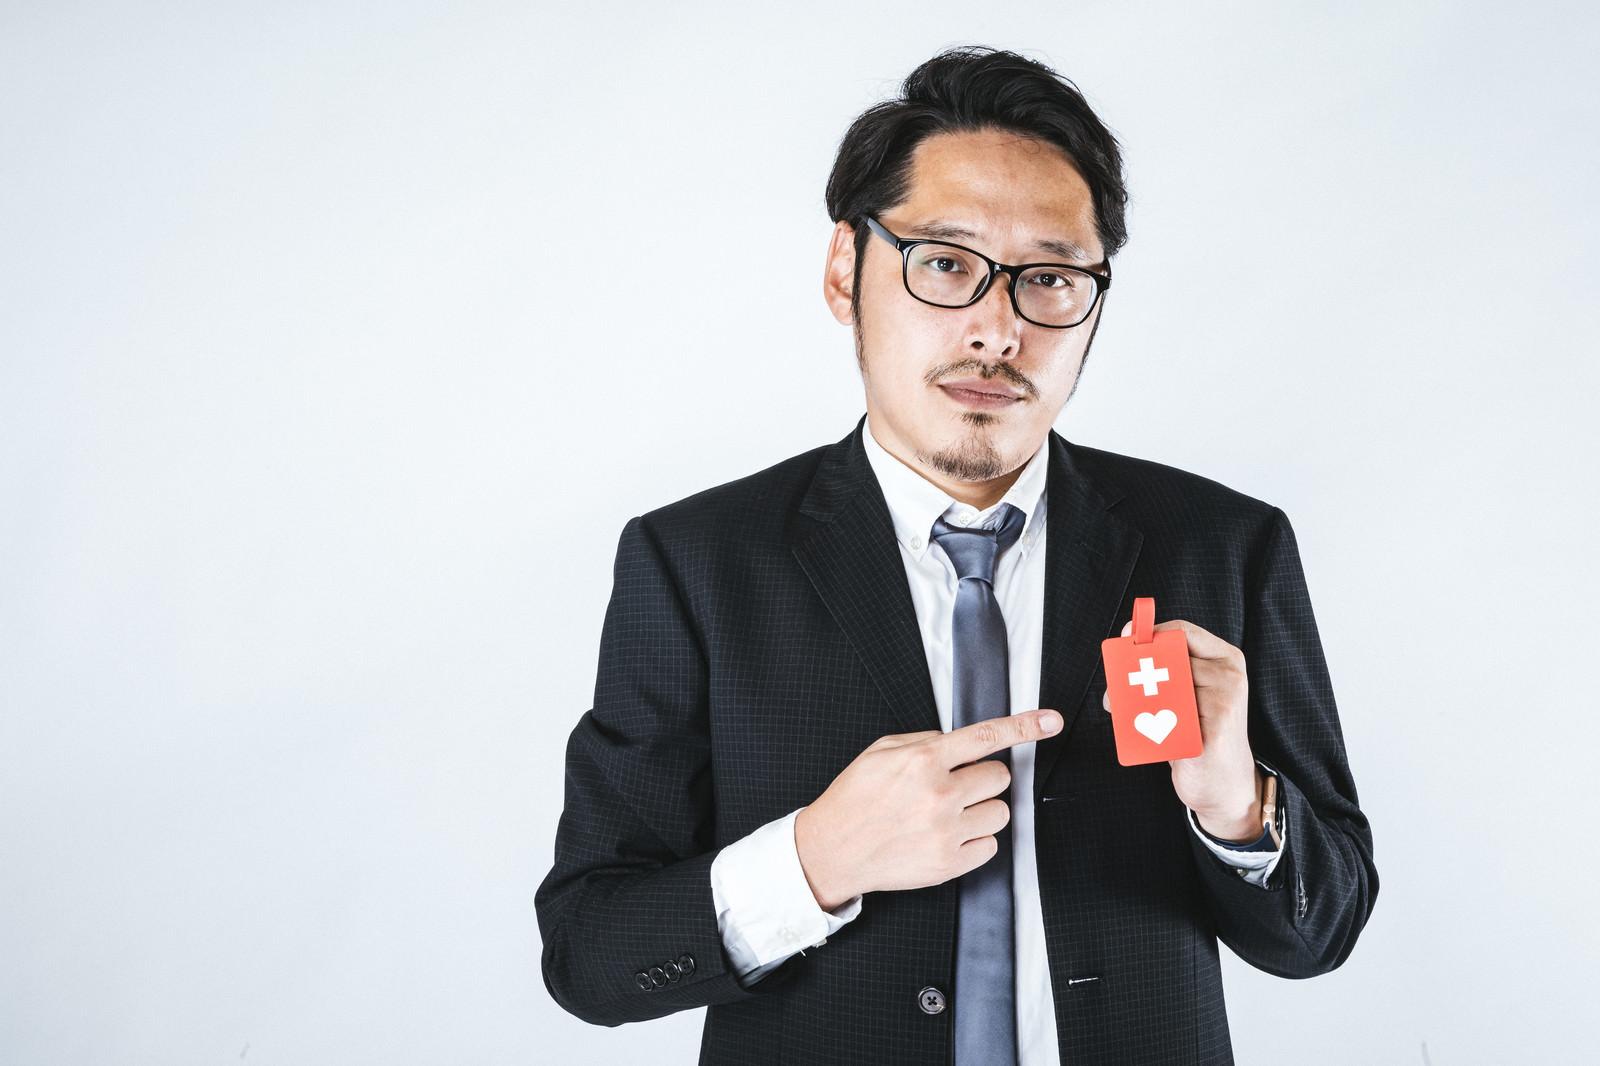 「ヘルプマークを持った会社員の男性ヘルプマークを持った会社員の男性」[モデル:ゆうせい]のフリー写真素材を拡大